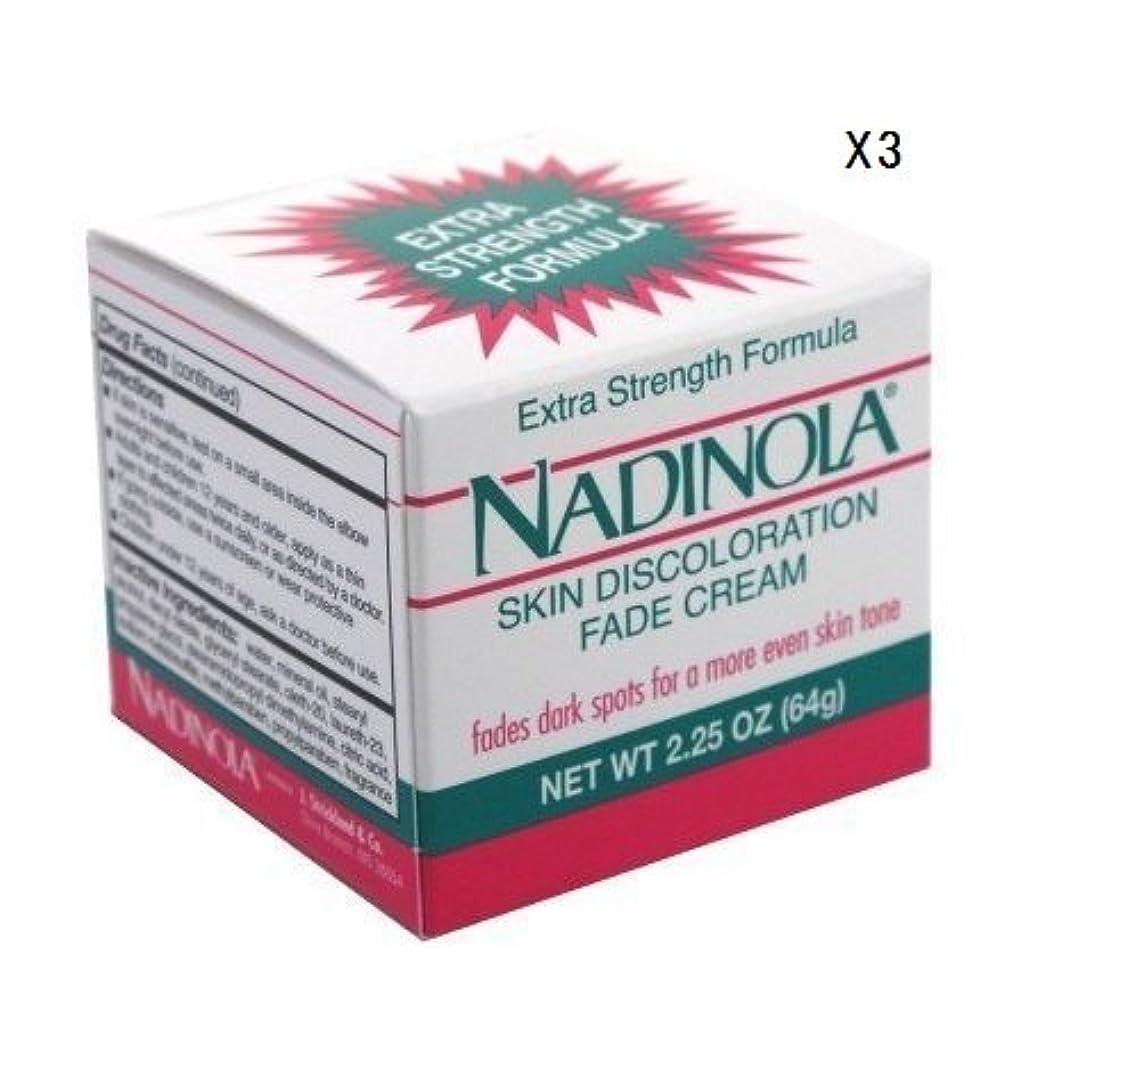 シャッタードロー応じる(海外直送品)強力美白クリーム (64g)ナディノラ Nadolina Skin Bleach - Extra Strength 2.25 Oz. (Pack of 3) by Nadinola